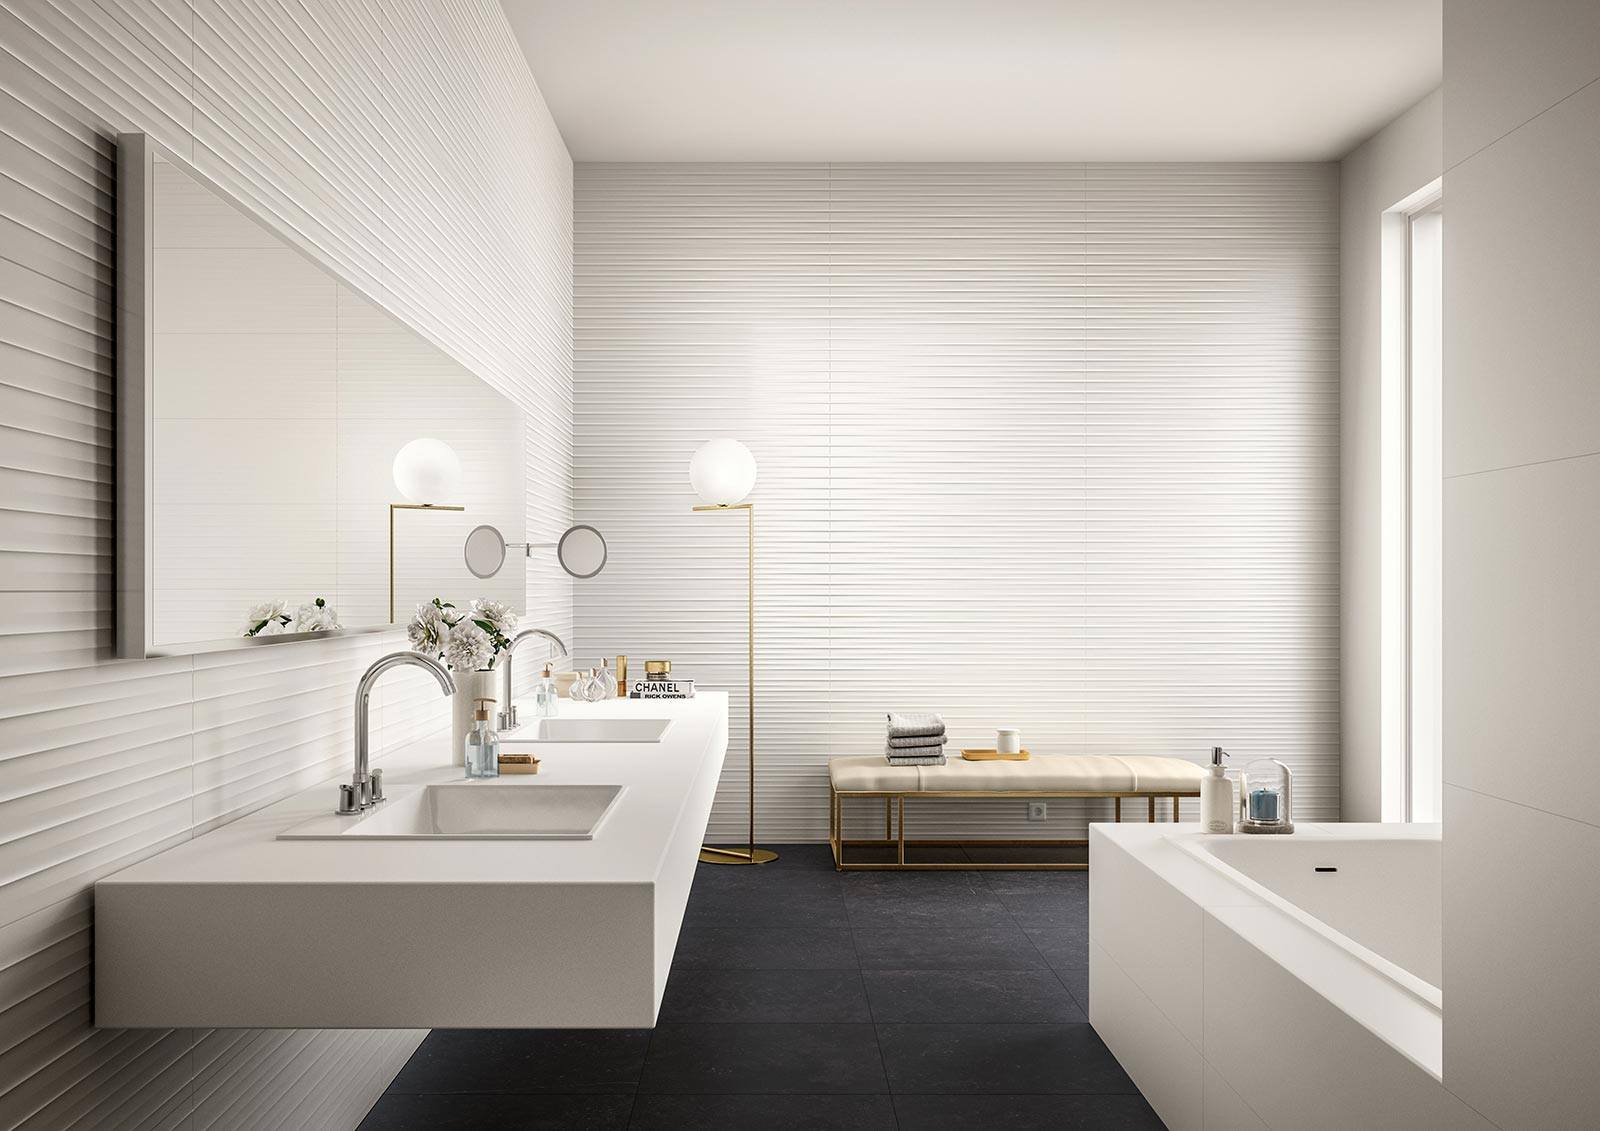 Essenziale - Ceramica bianca per bagni  Marazzi